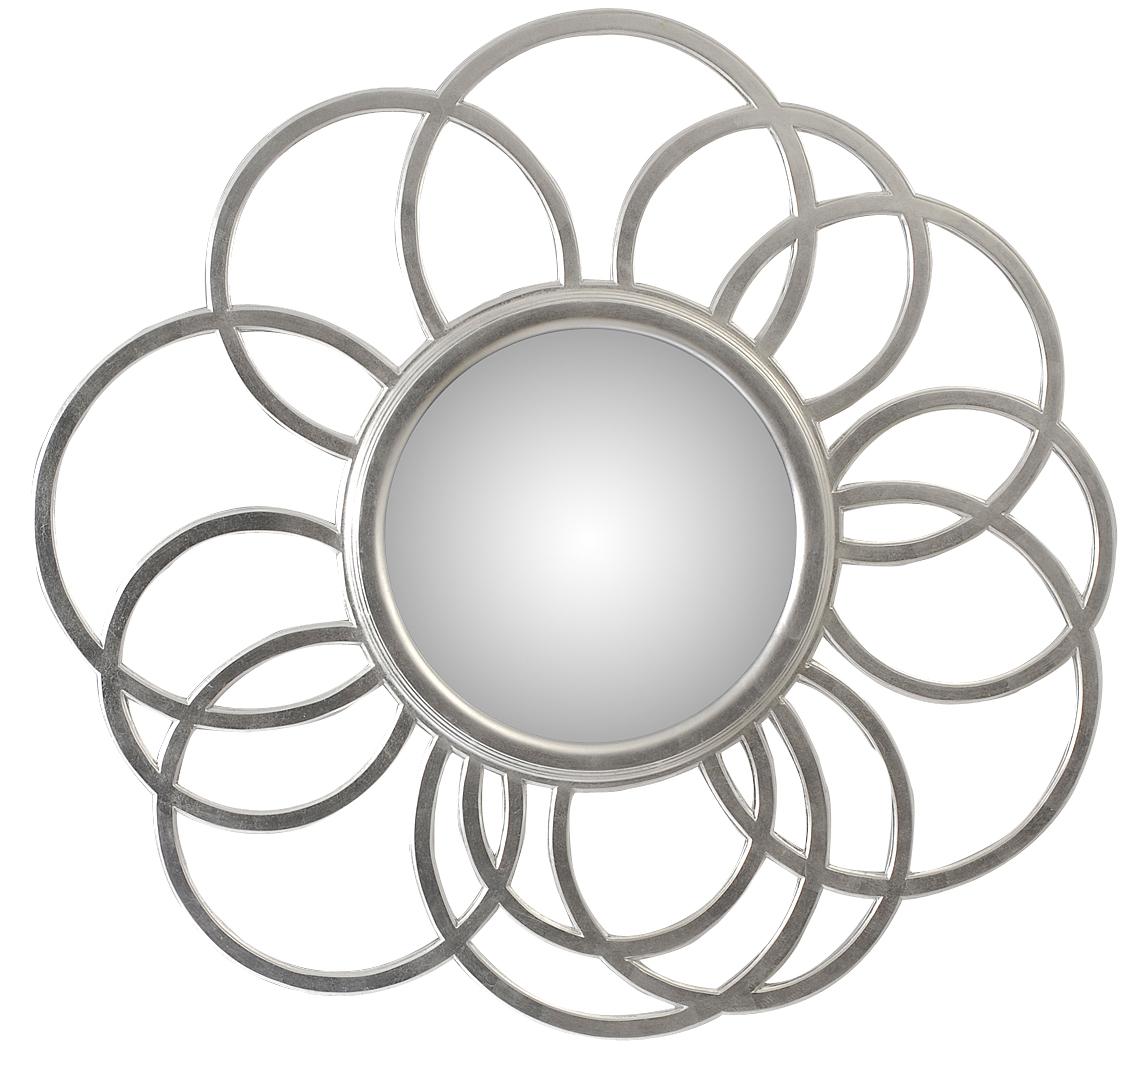 Les 10 Miroirs à inclure dans votre décoration d'intérieur ! décoration d'intérieur Les 10 Miroirs à inclure dans votre décoration d'intérieur ! liberty zoom